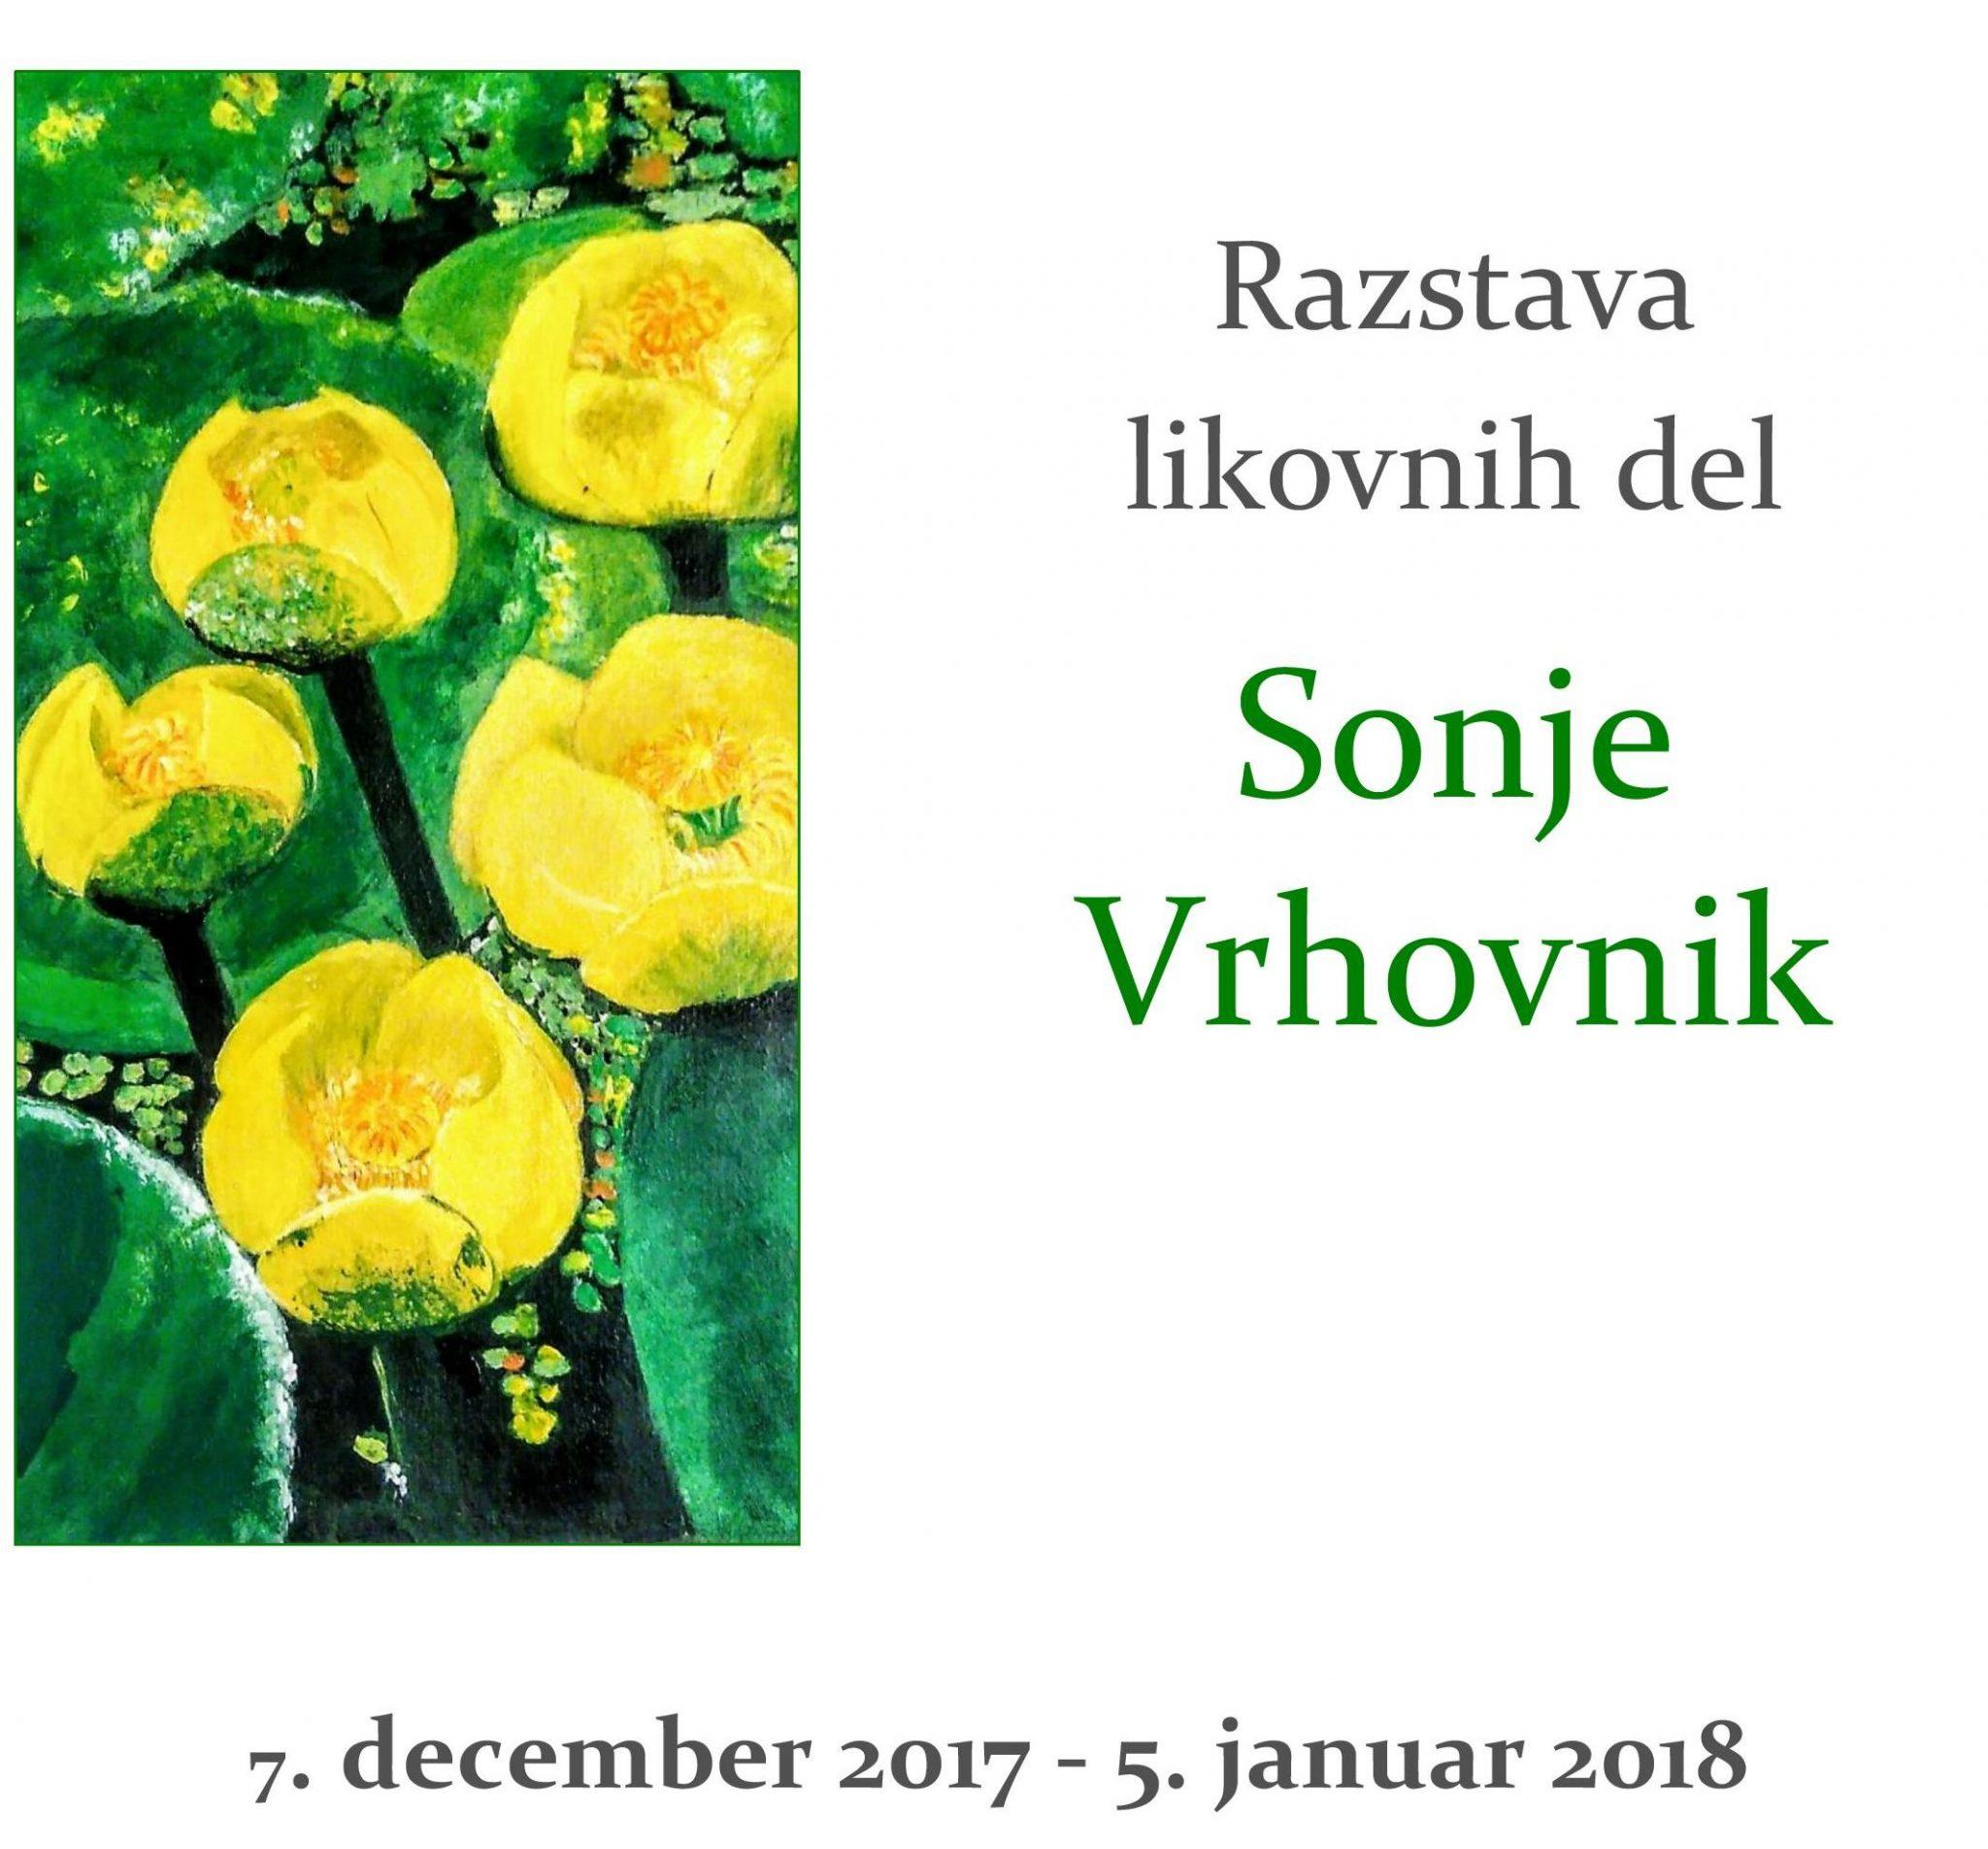 cover 3 - Razstava likovnih del Sonje Vrhovnik